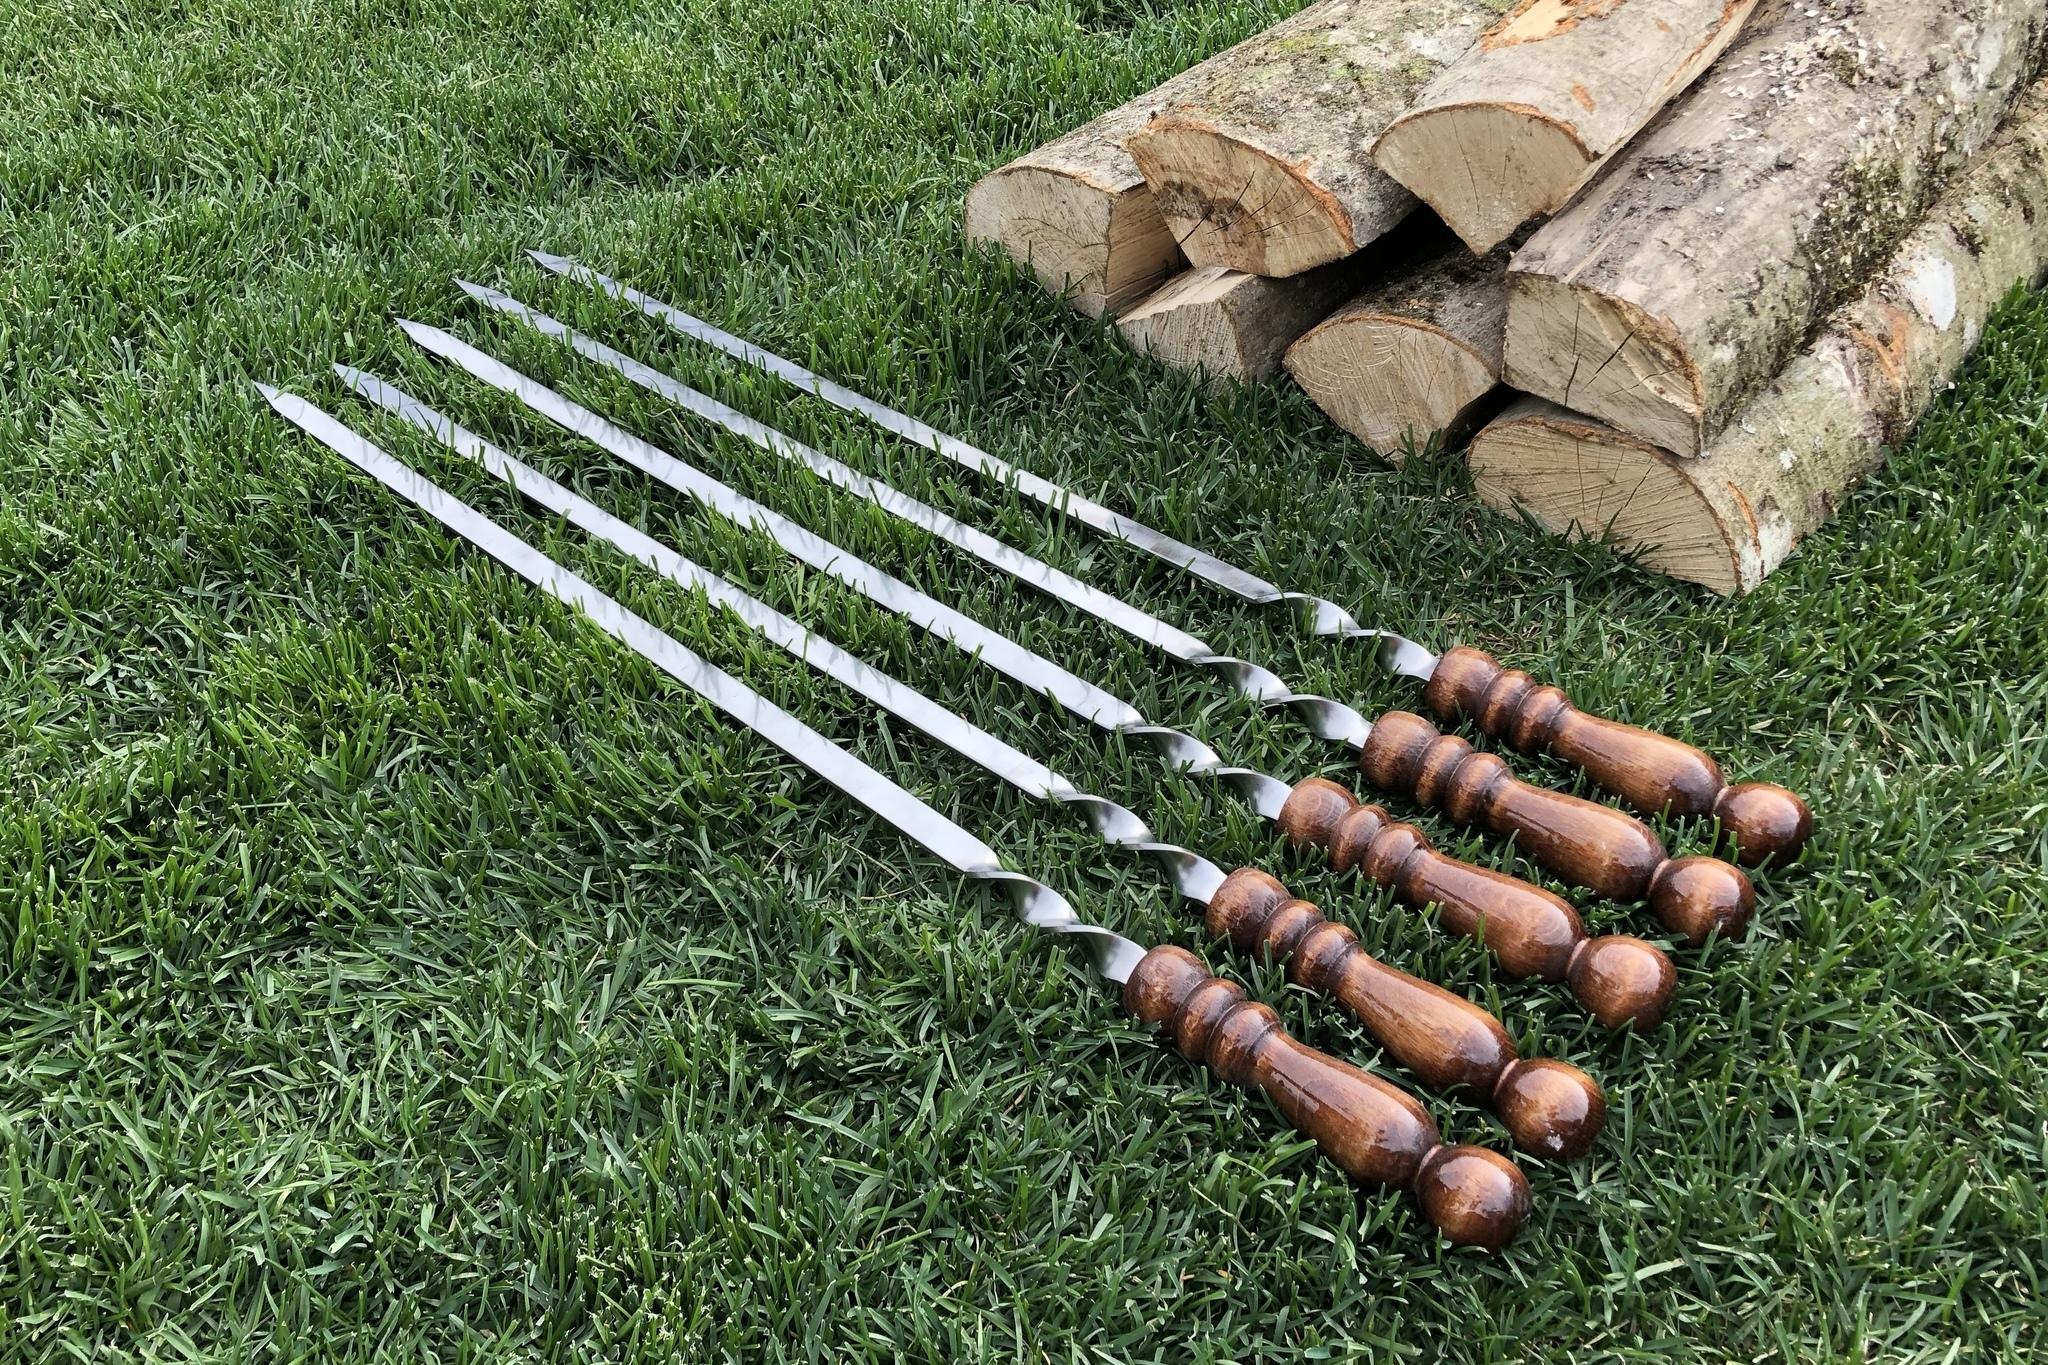 """Шампуры из нержавейки Шампур с деревянной ручкой """"Шар"""" 3мм (ширина 12мм) №4 IMG_3750.JPG"""